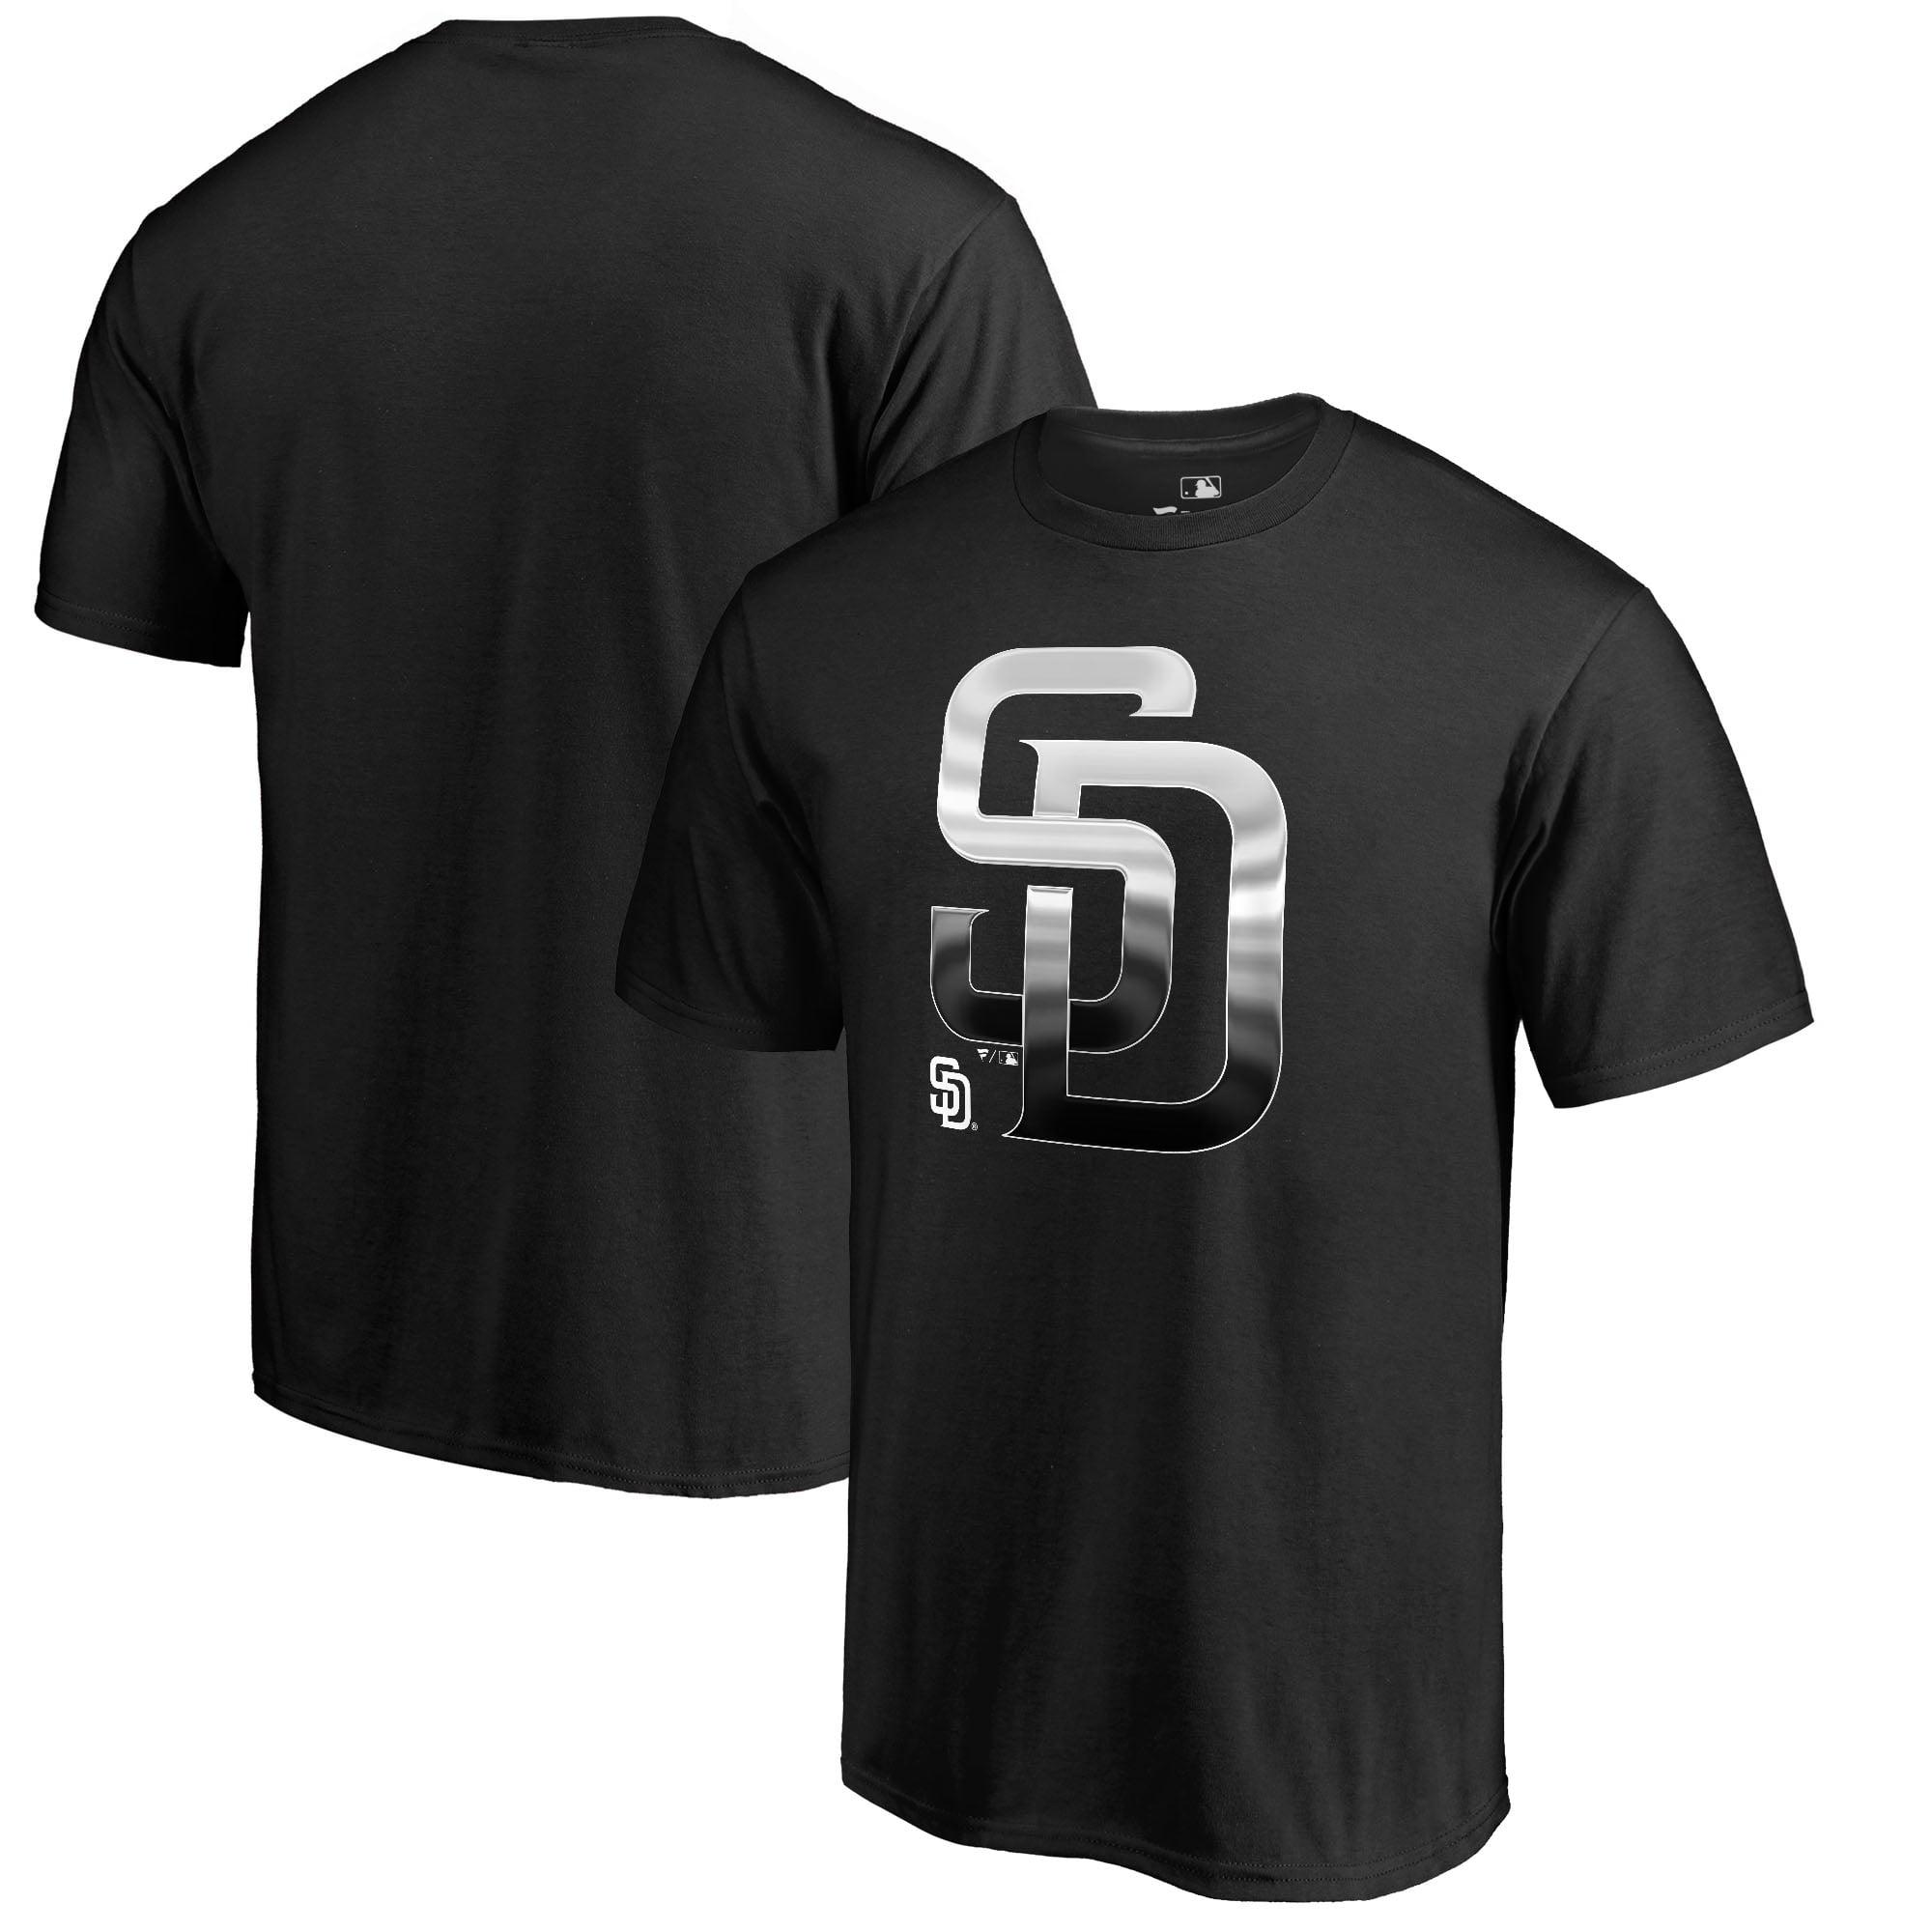 San Diego Padres Fanatics Branded Big & Tall Midnight Mascot T-Shirt - Black